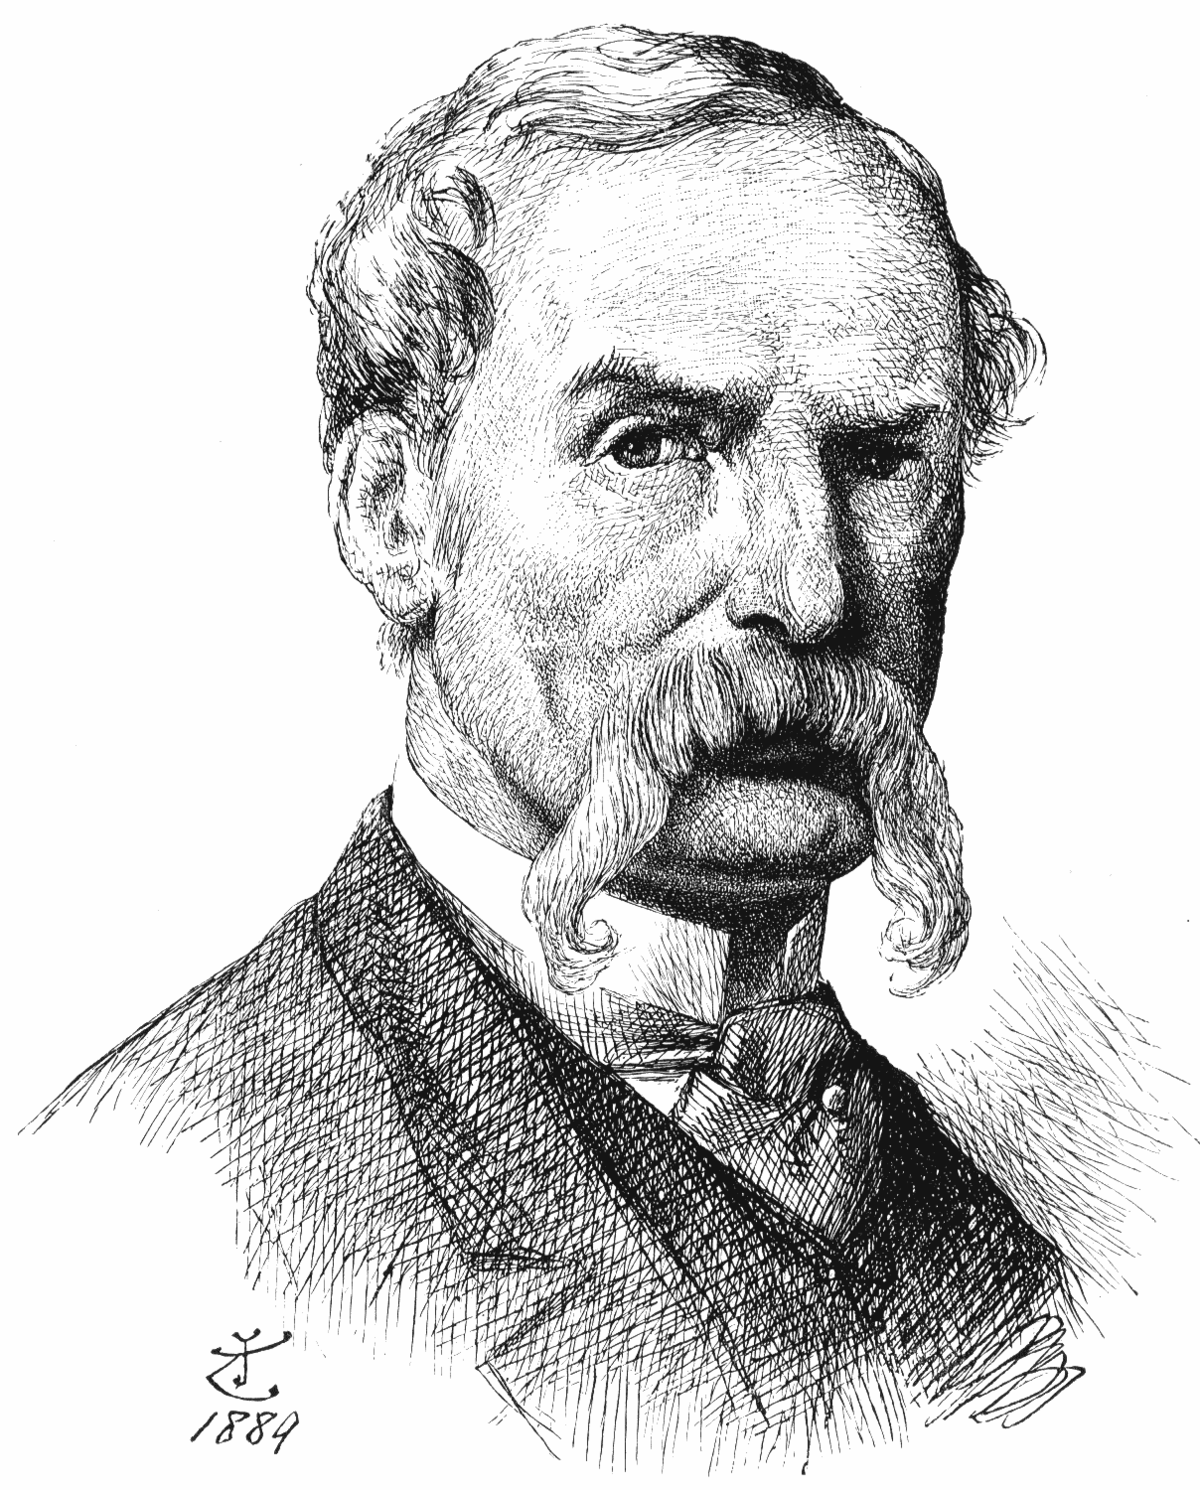 Drawn portrait victorian Wikipedia Tenniel John